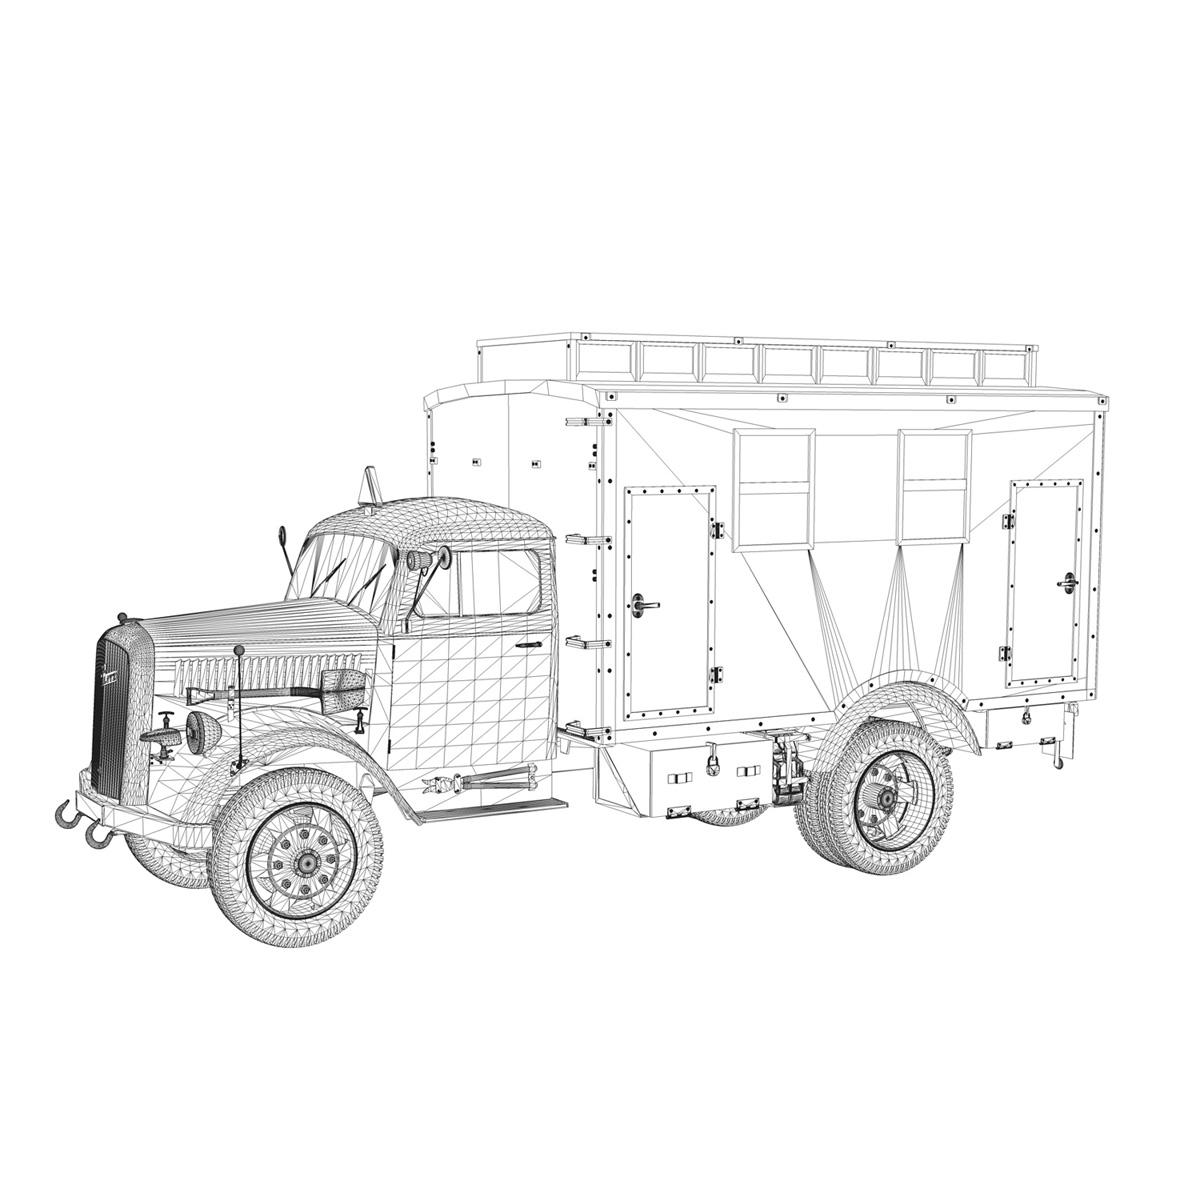 opel blitz - 3t ātrās palīdzības automašīna - 11 pzdiv 3d modelis 3ds fwx lws lws obj c4d 266710